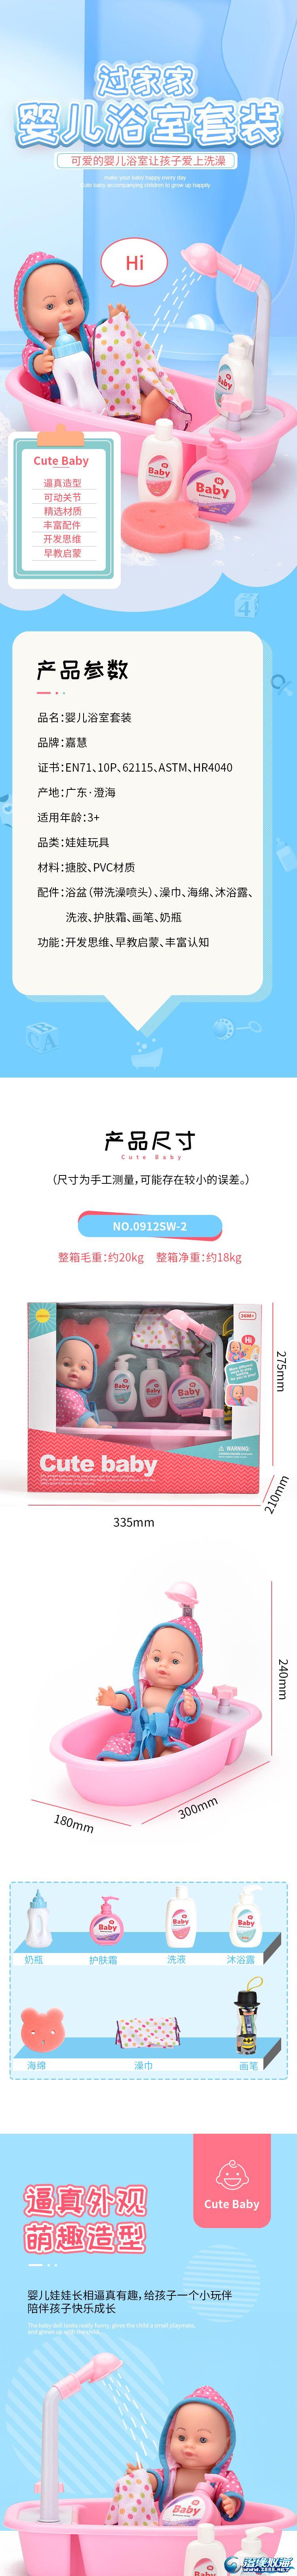 盛达玩具厂-(0912SW-2)-婴儿浴室套装-中文详情页_01.jpg